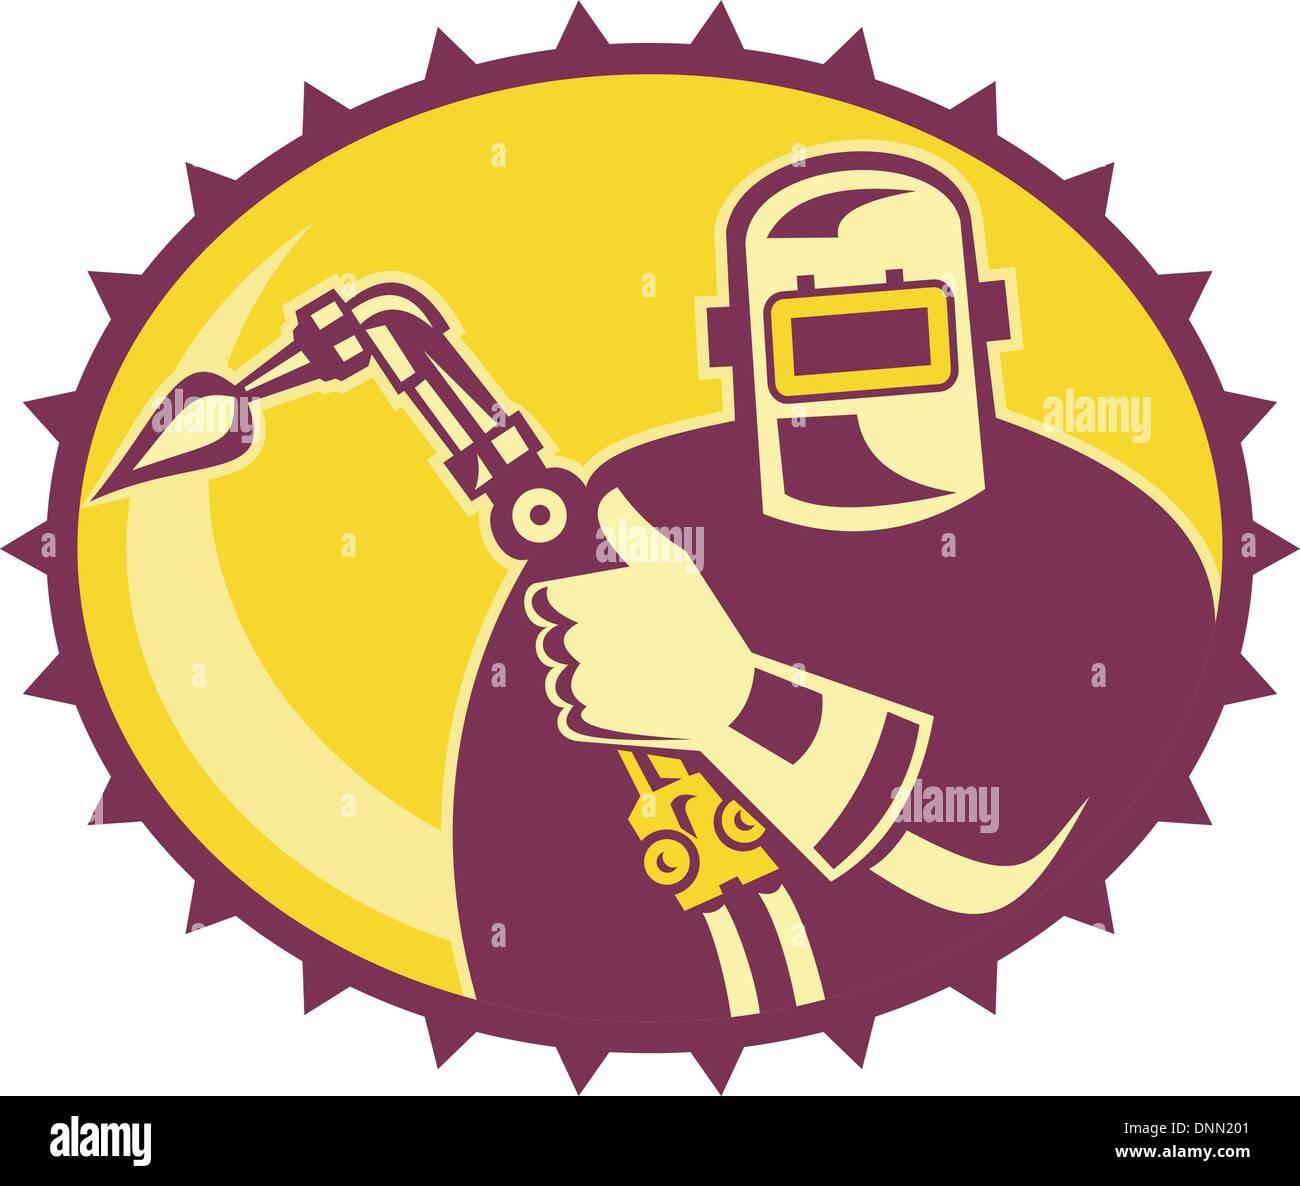 Ilustração de um soldador trabalhador psq com maçarico de soldagem situada no interior da elipse feito em estilo Ilustração do Vetor